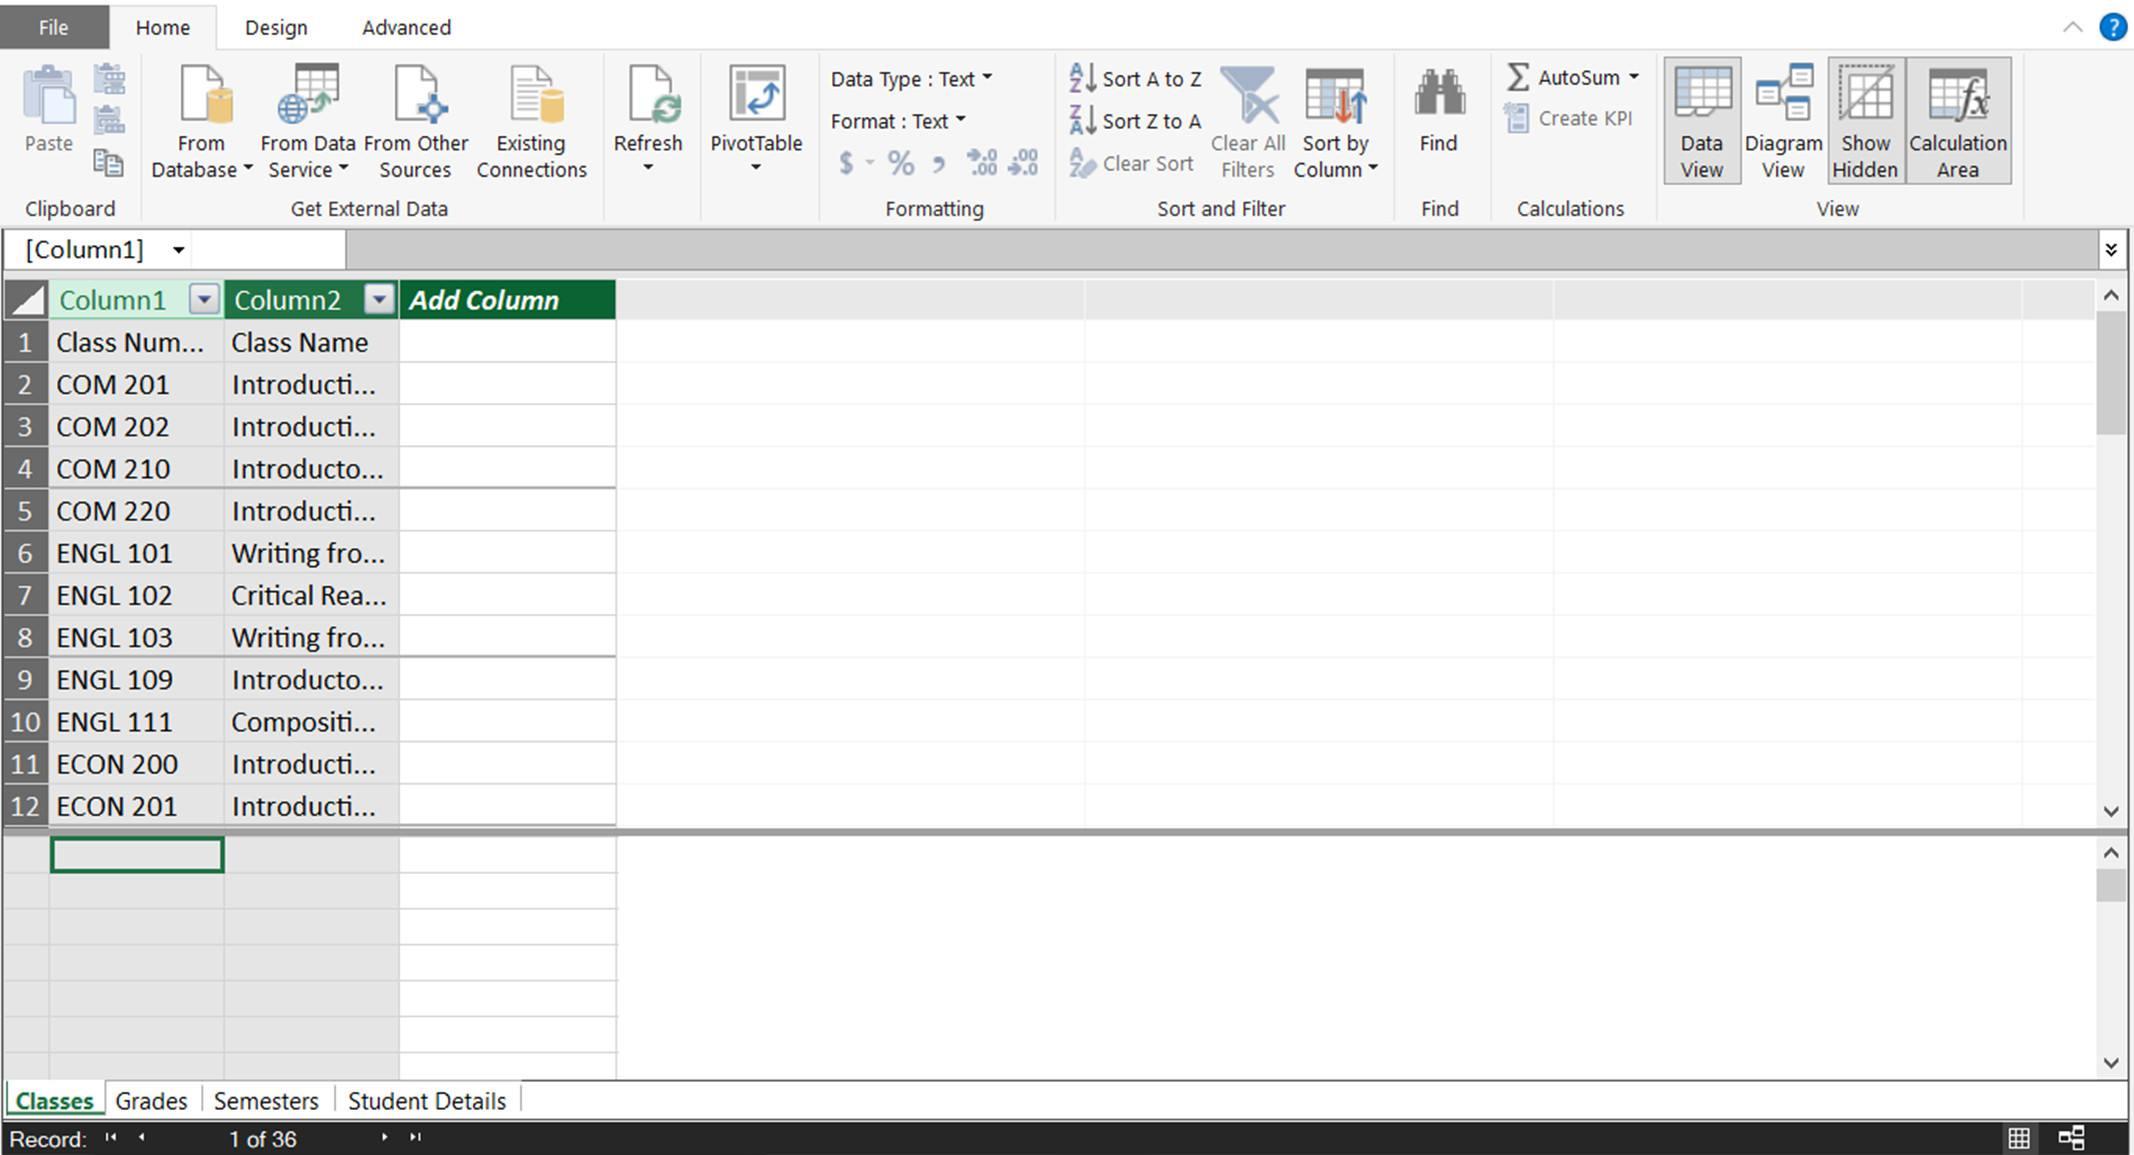 A screenshot showing the data model in the PowerPivot window